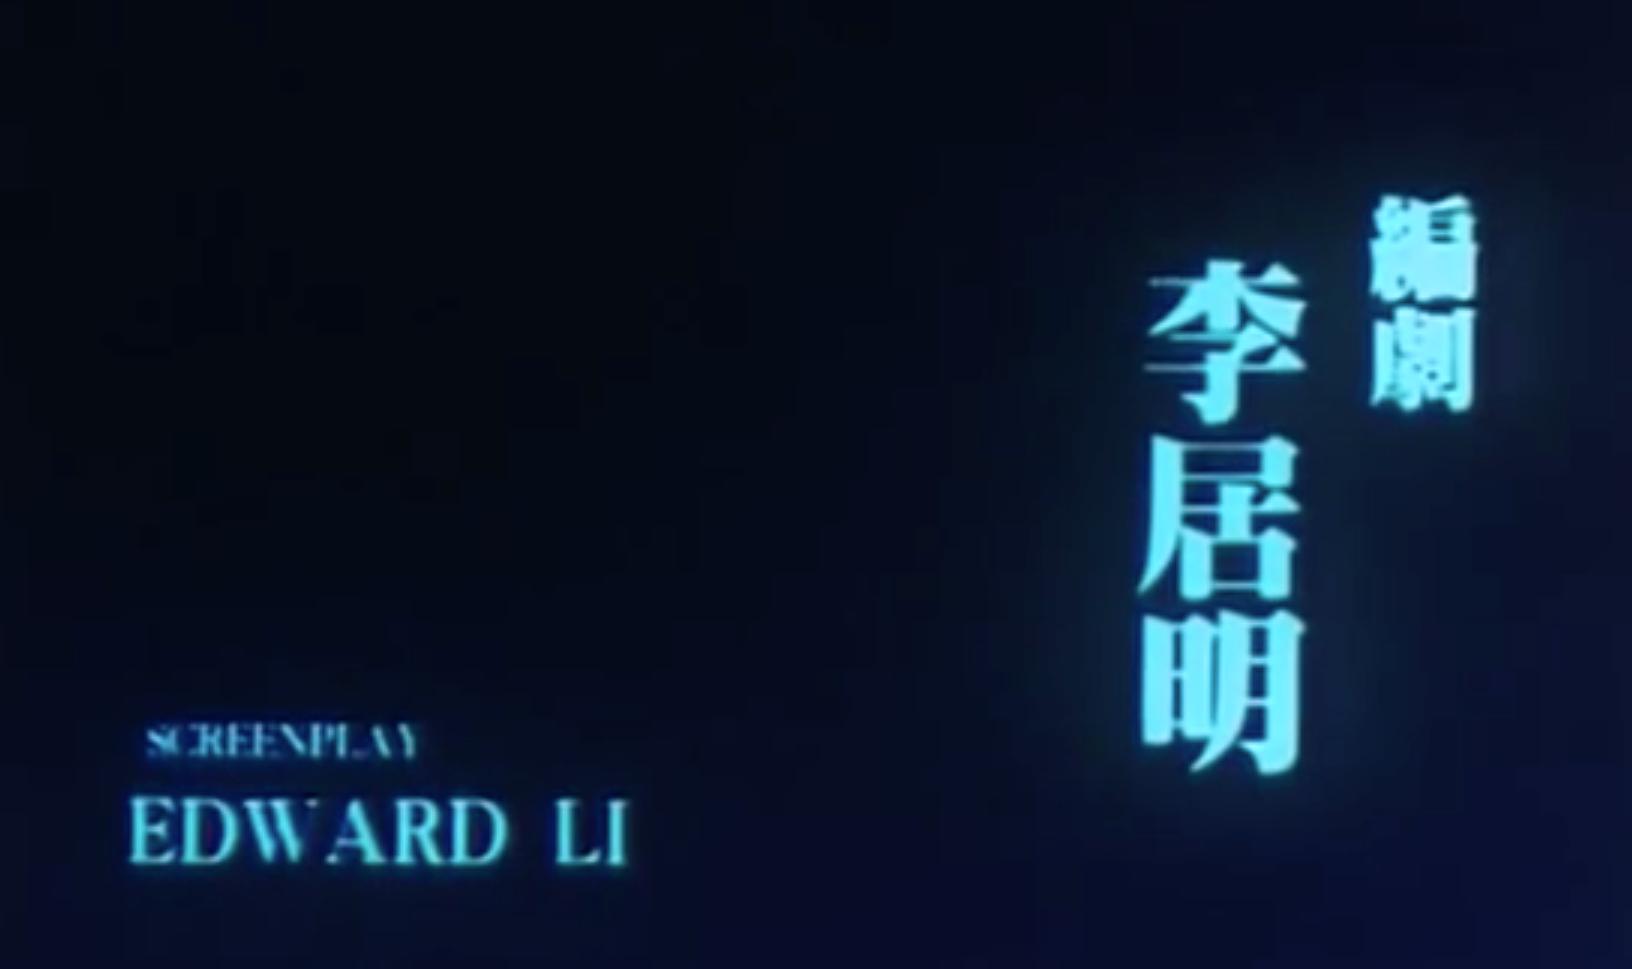 新藝城第一齣寫「李居明」做編劇,就是周潤發主演的《靈氣逼人》。